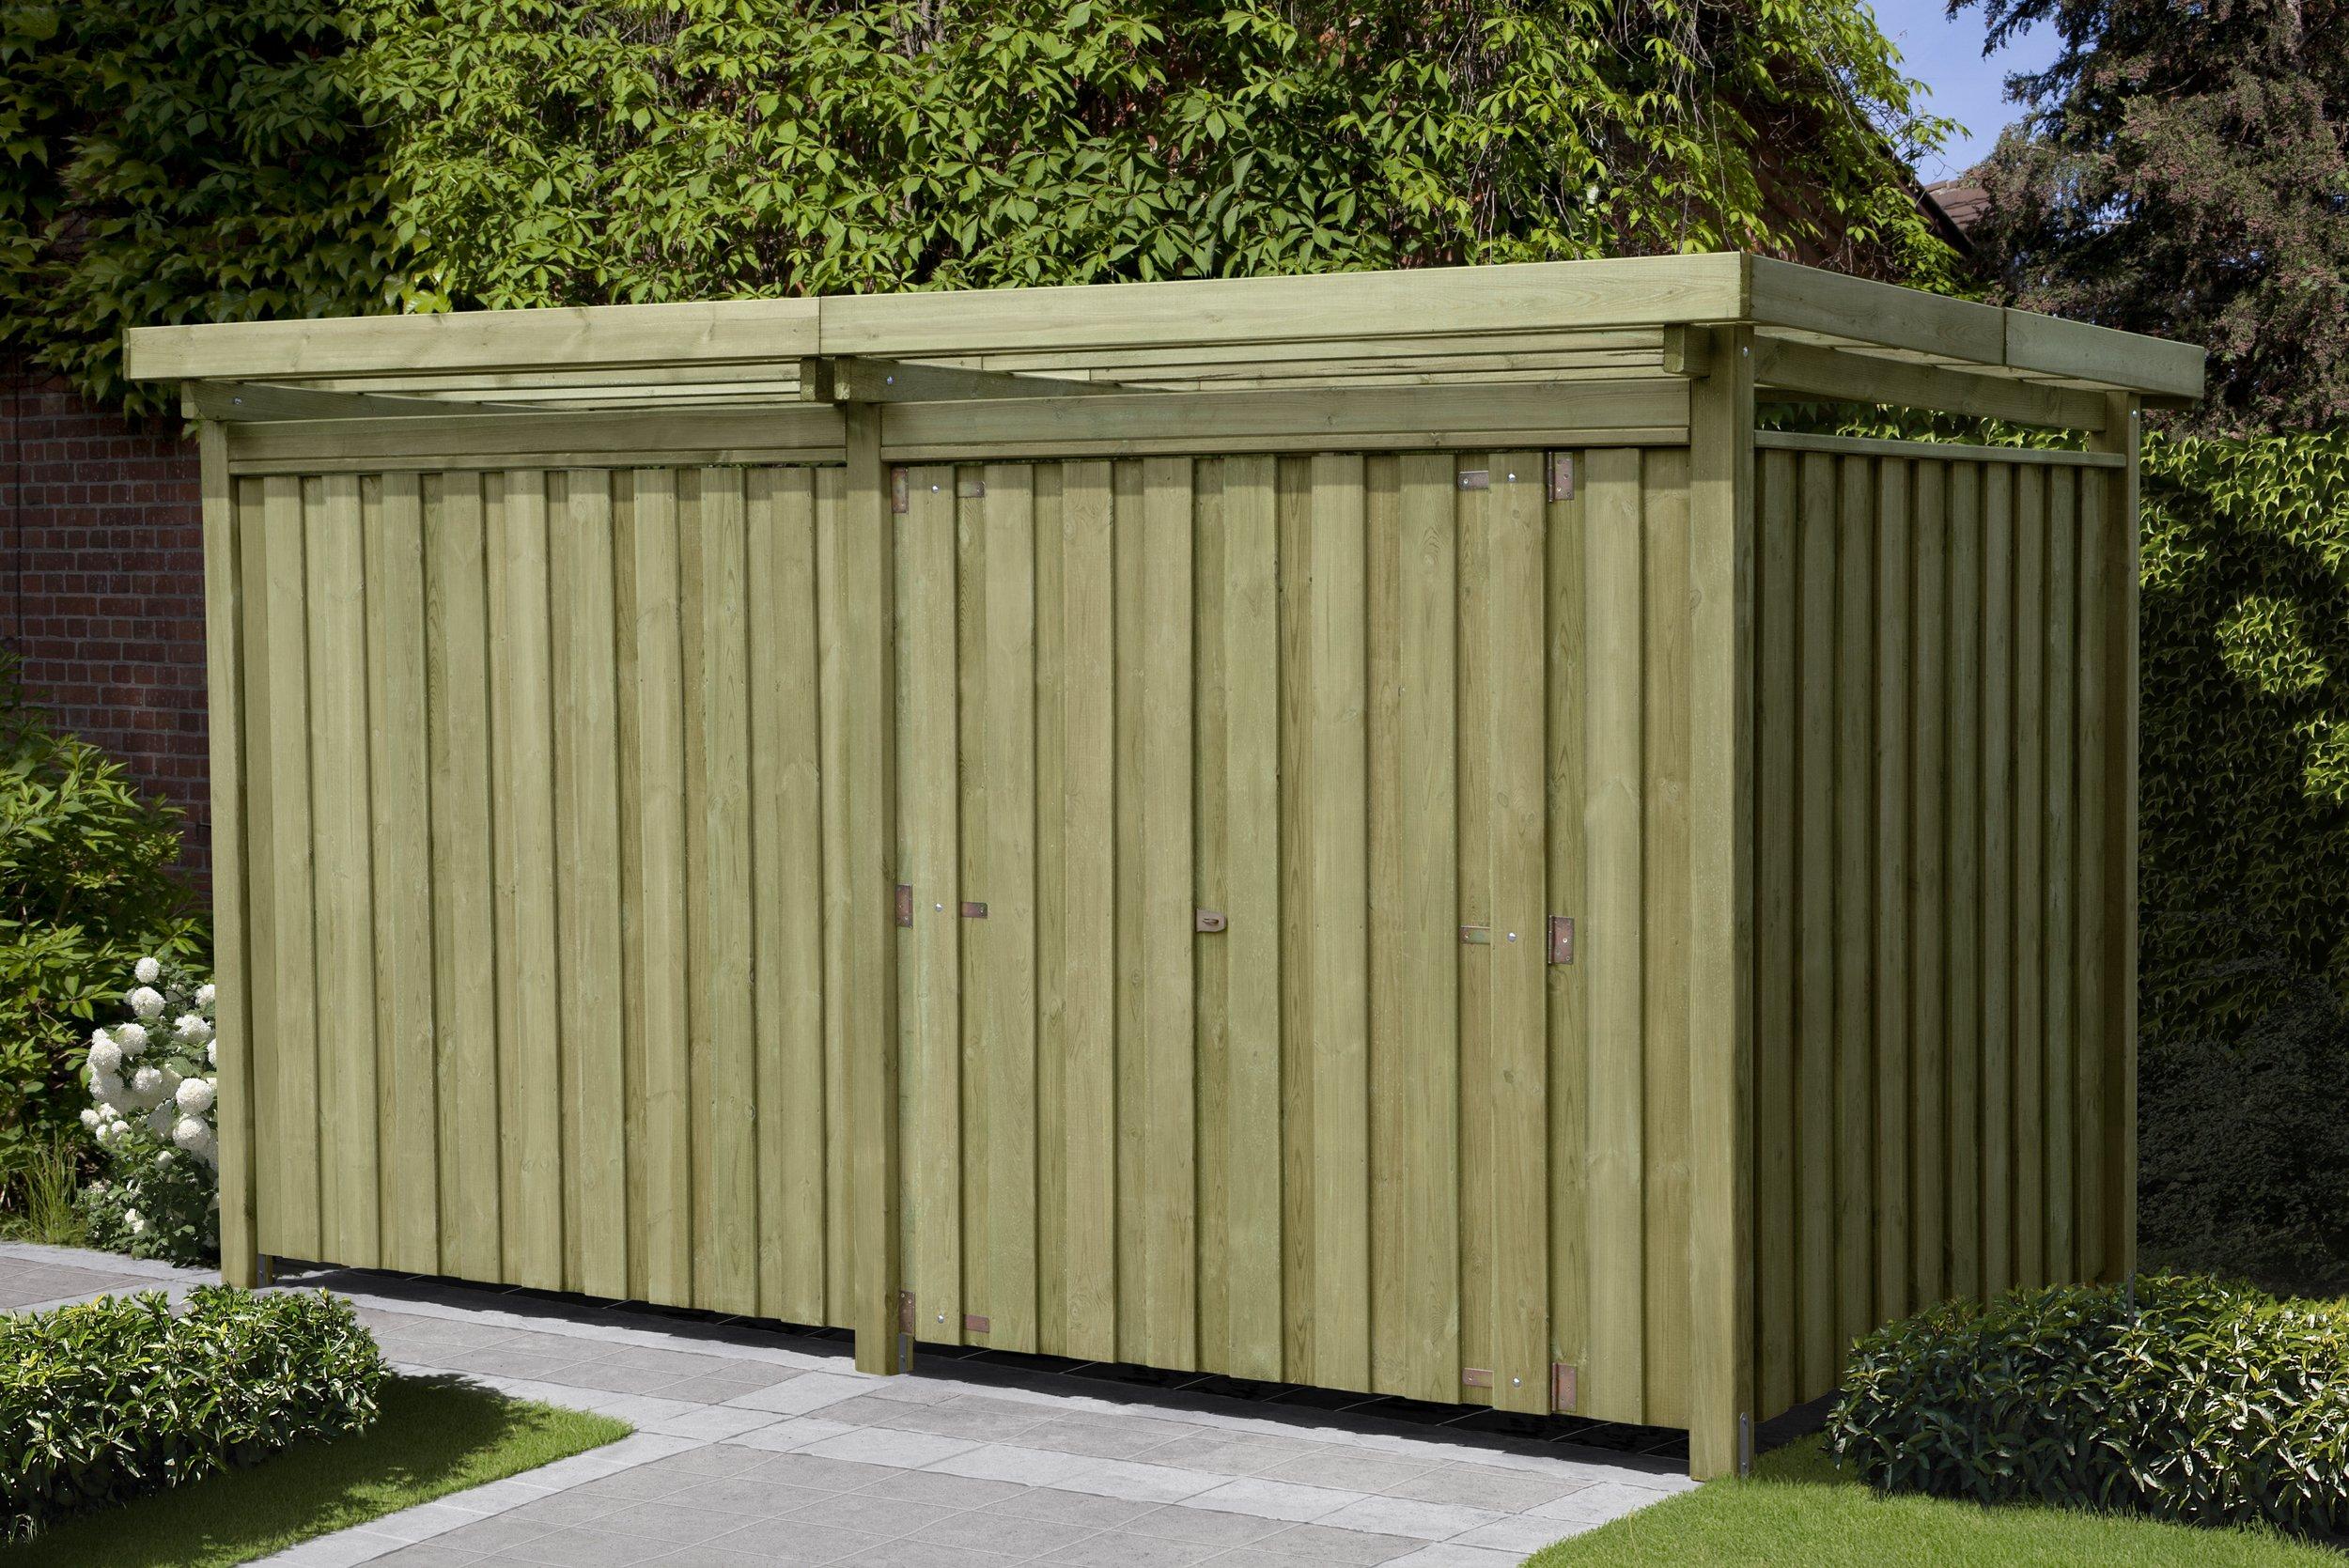 Gartenpirat Gerätehaus Holz mit Flachdach Typ-3 Gartenhaus Maße 387 x 224 cm